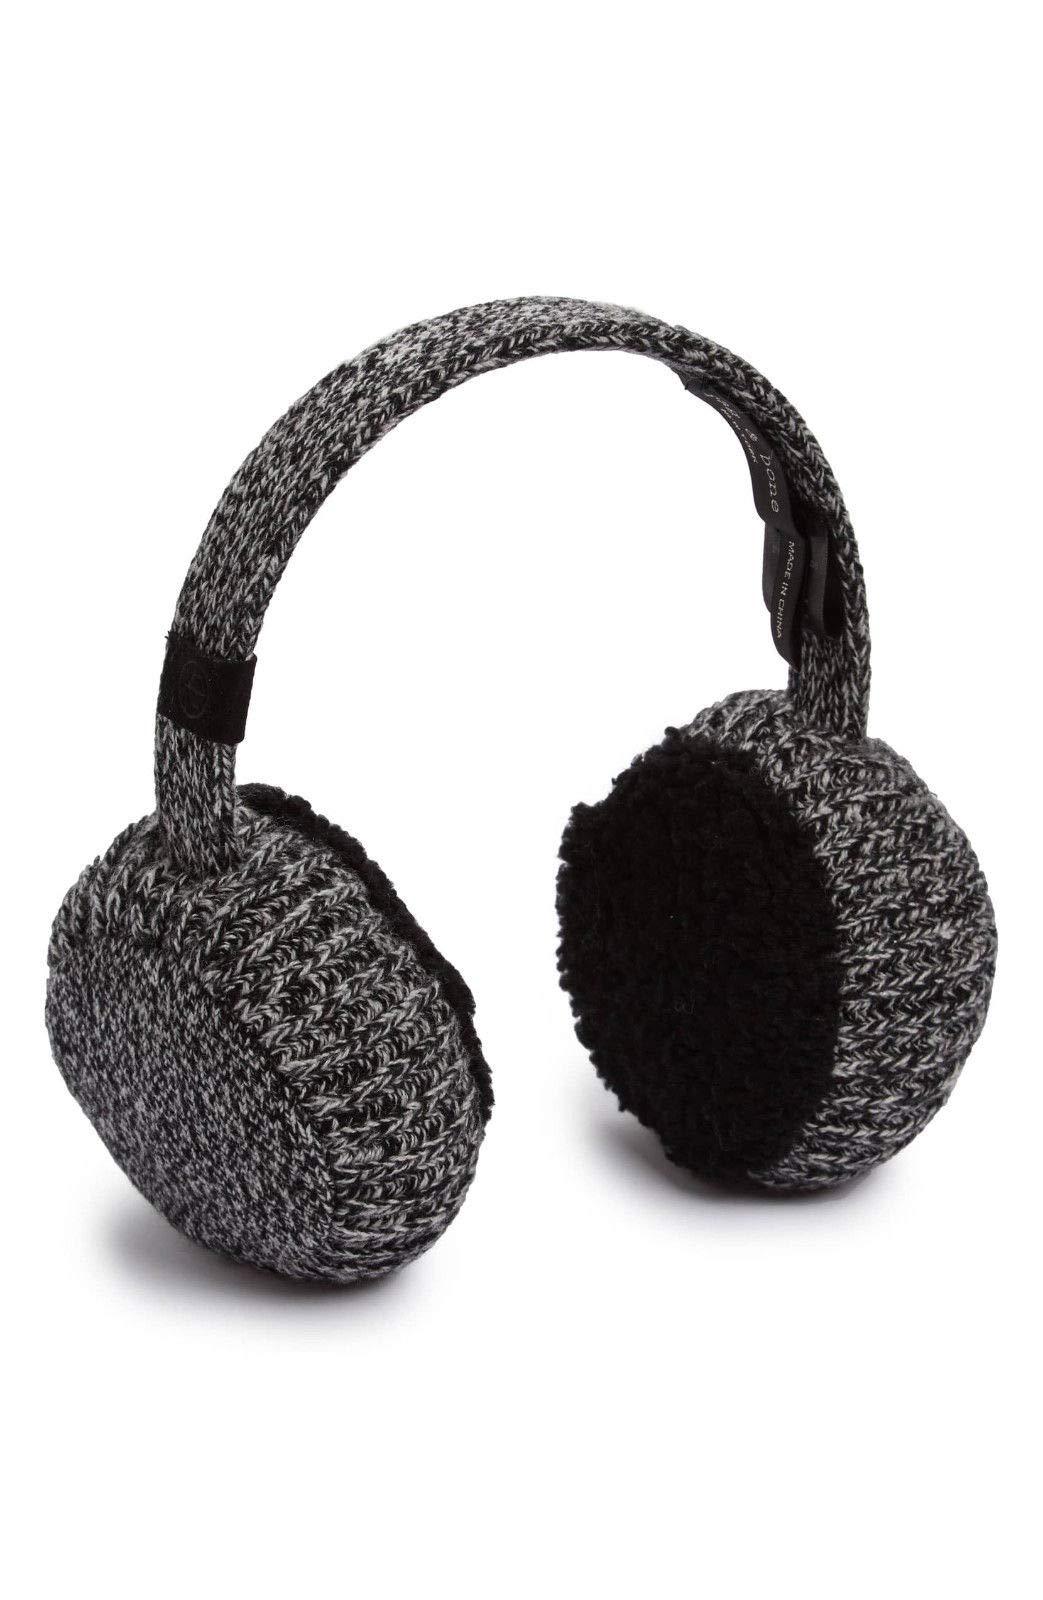 Rag and Bone Black Cashmere 'Sutton' Earmuffs $195